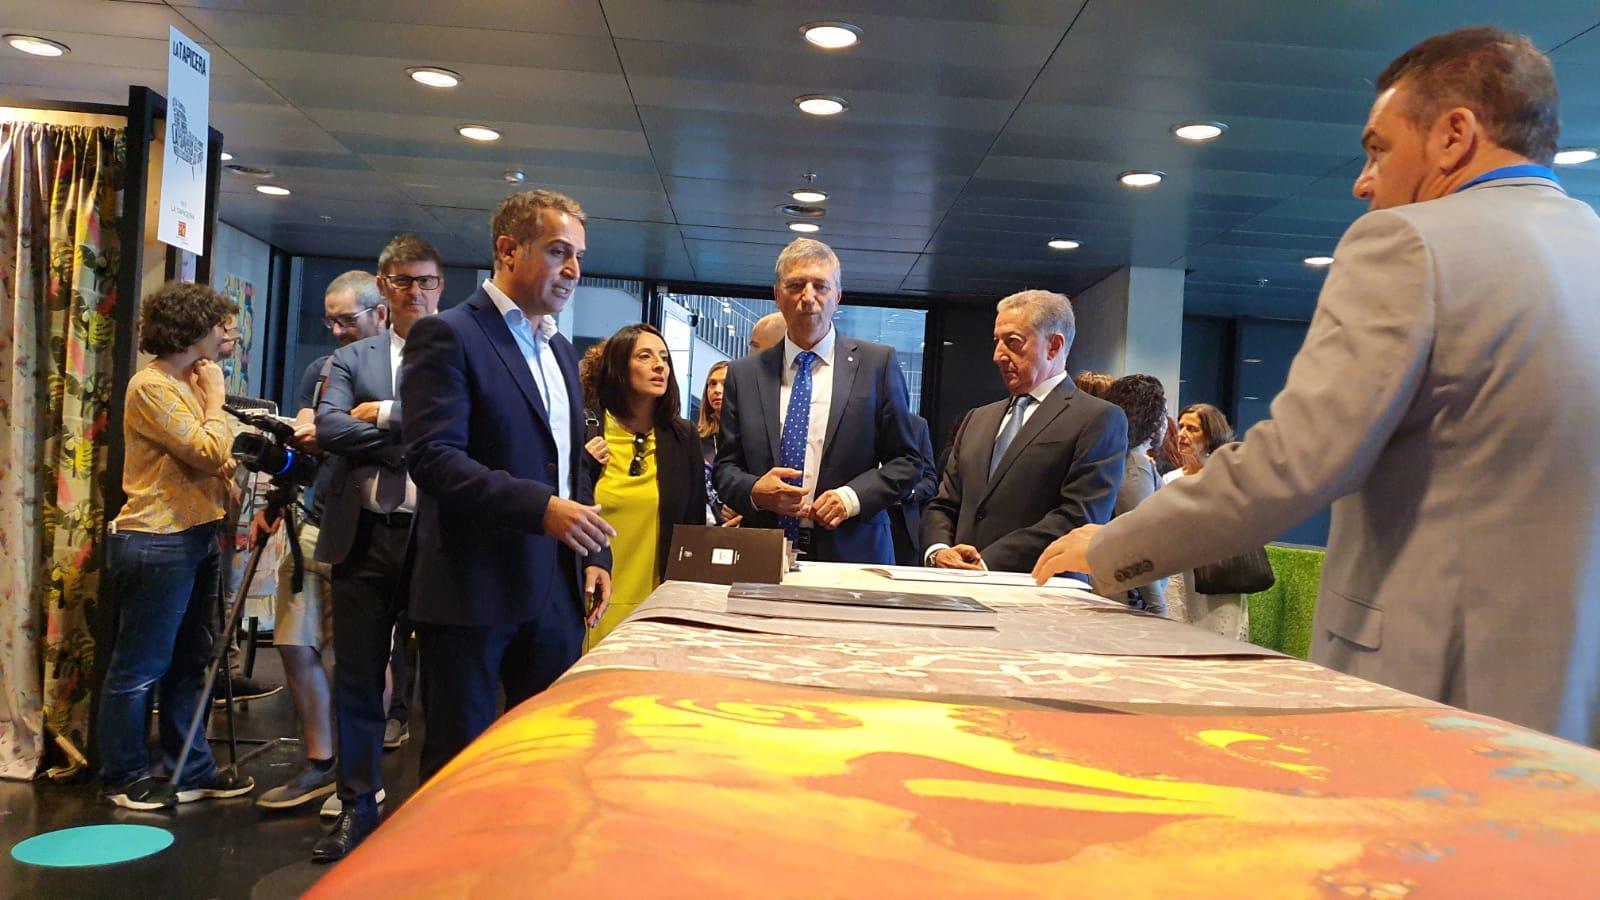 """Dèsset compradors de 14 països coneixen l""""oferta valenciana en la Fira Home Tèxtils convidats per Ivace Internacional"""